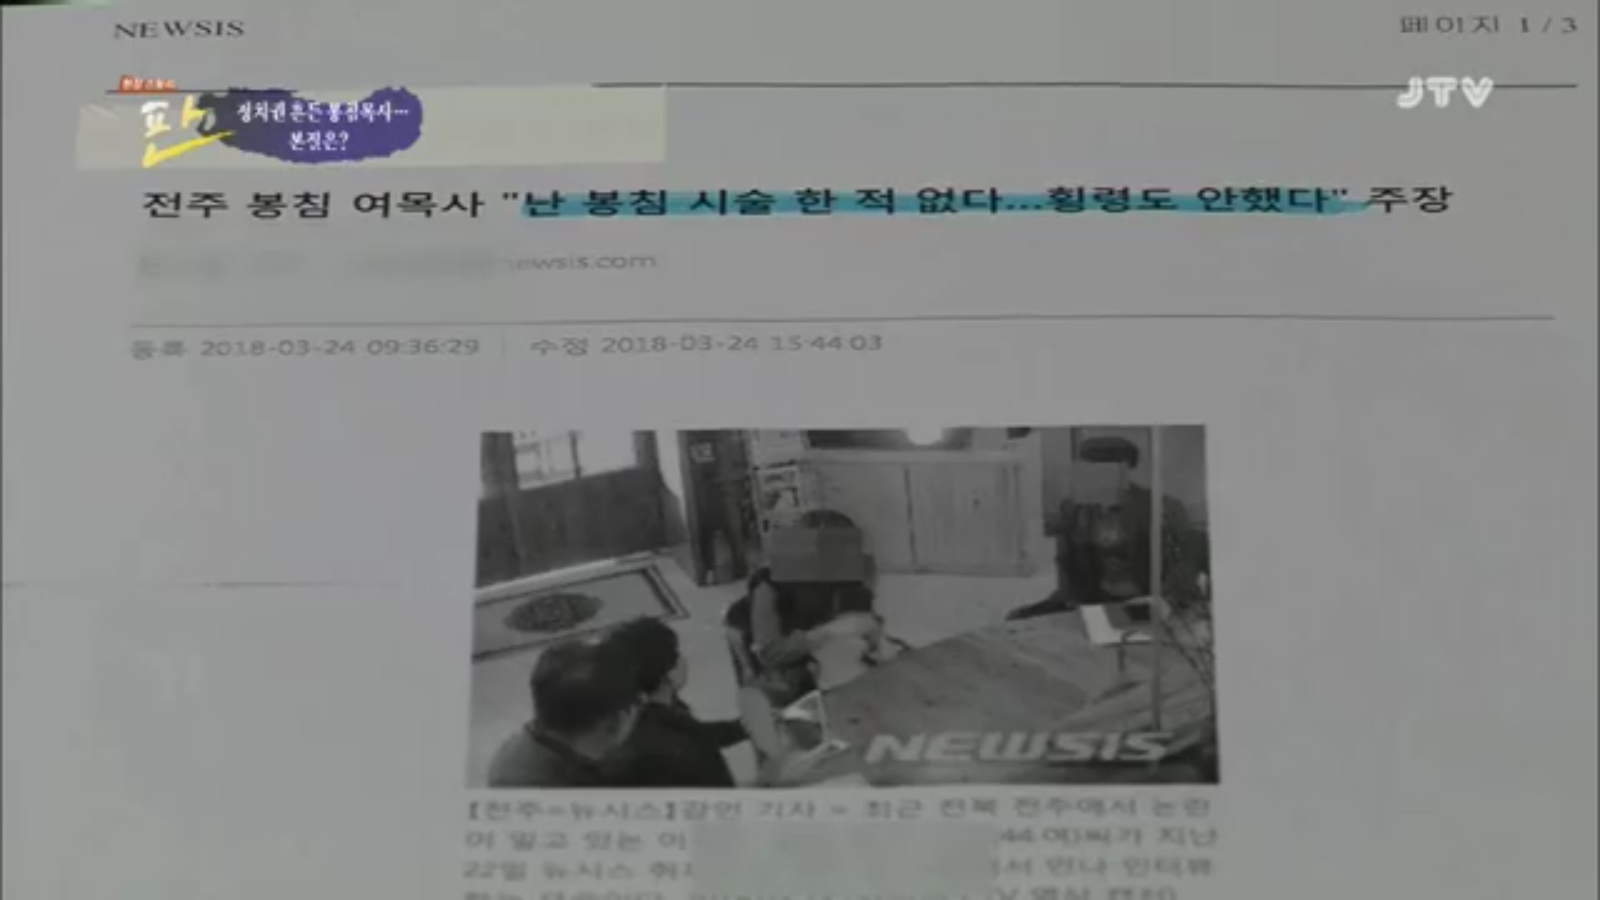 [18.4.13 JTV] 전주 봉침게이트, 정치권 흔든 봉침목사...본질은8.jpg